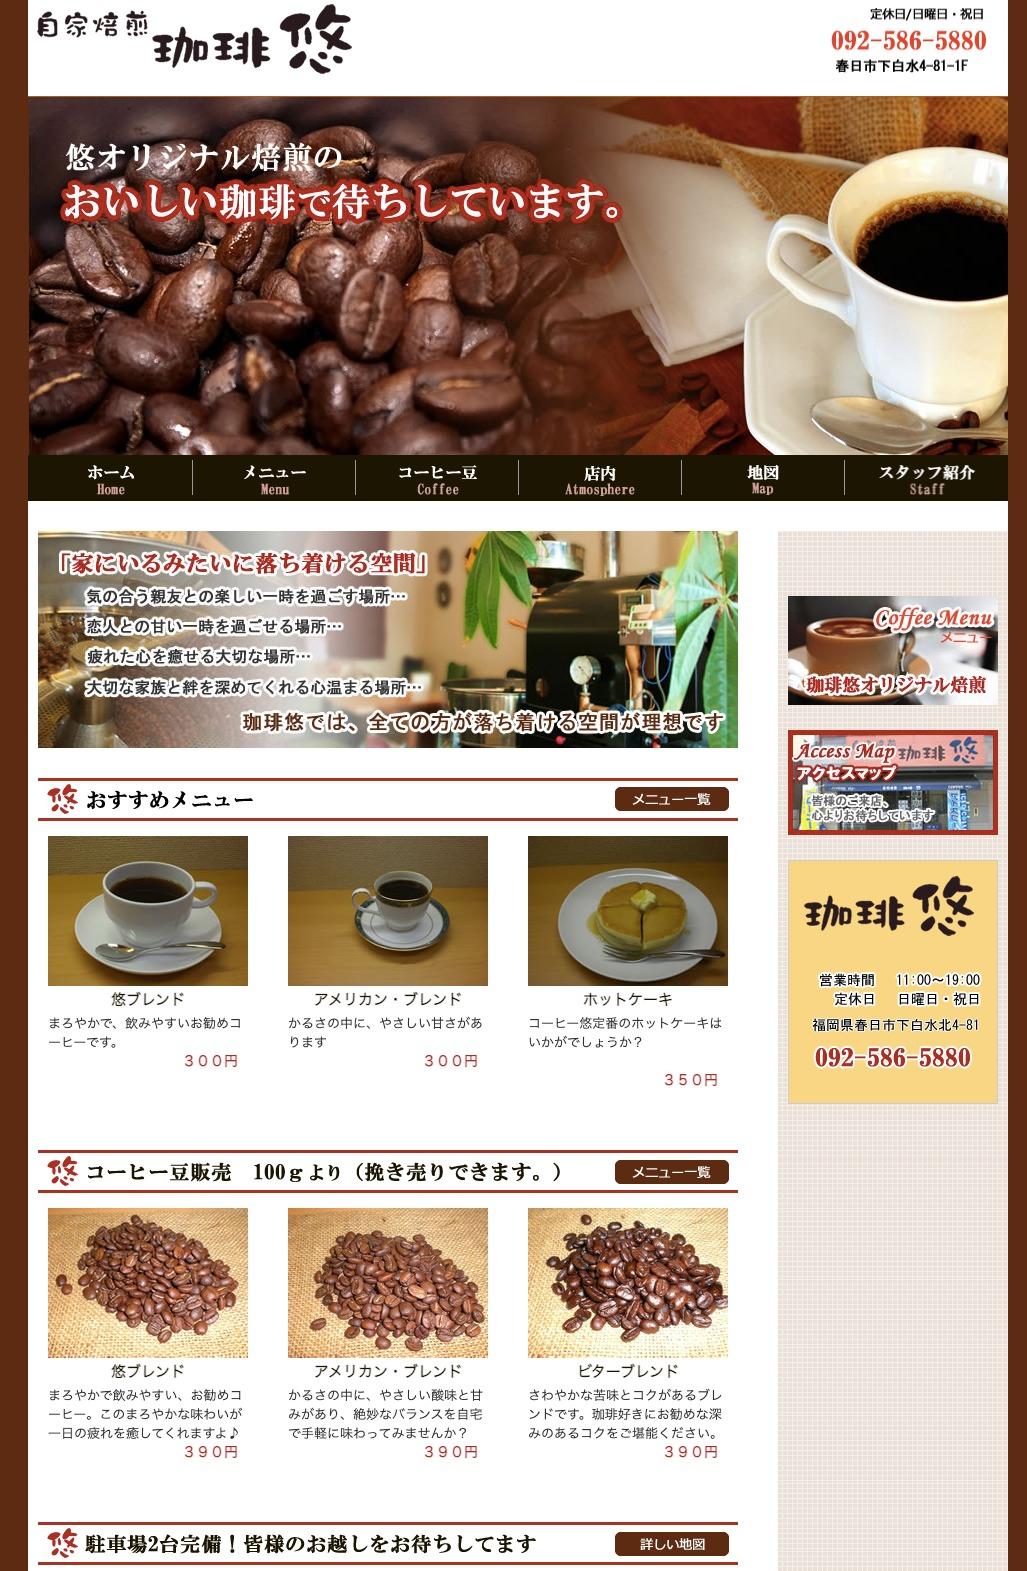 コーヒー悠|福岡県春日市にある喫茶店コーヒー悠